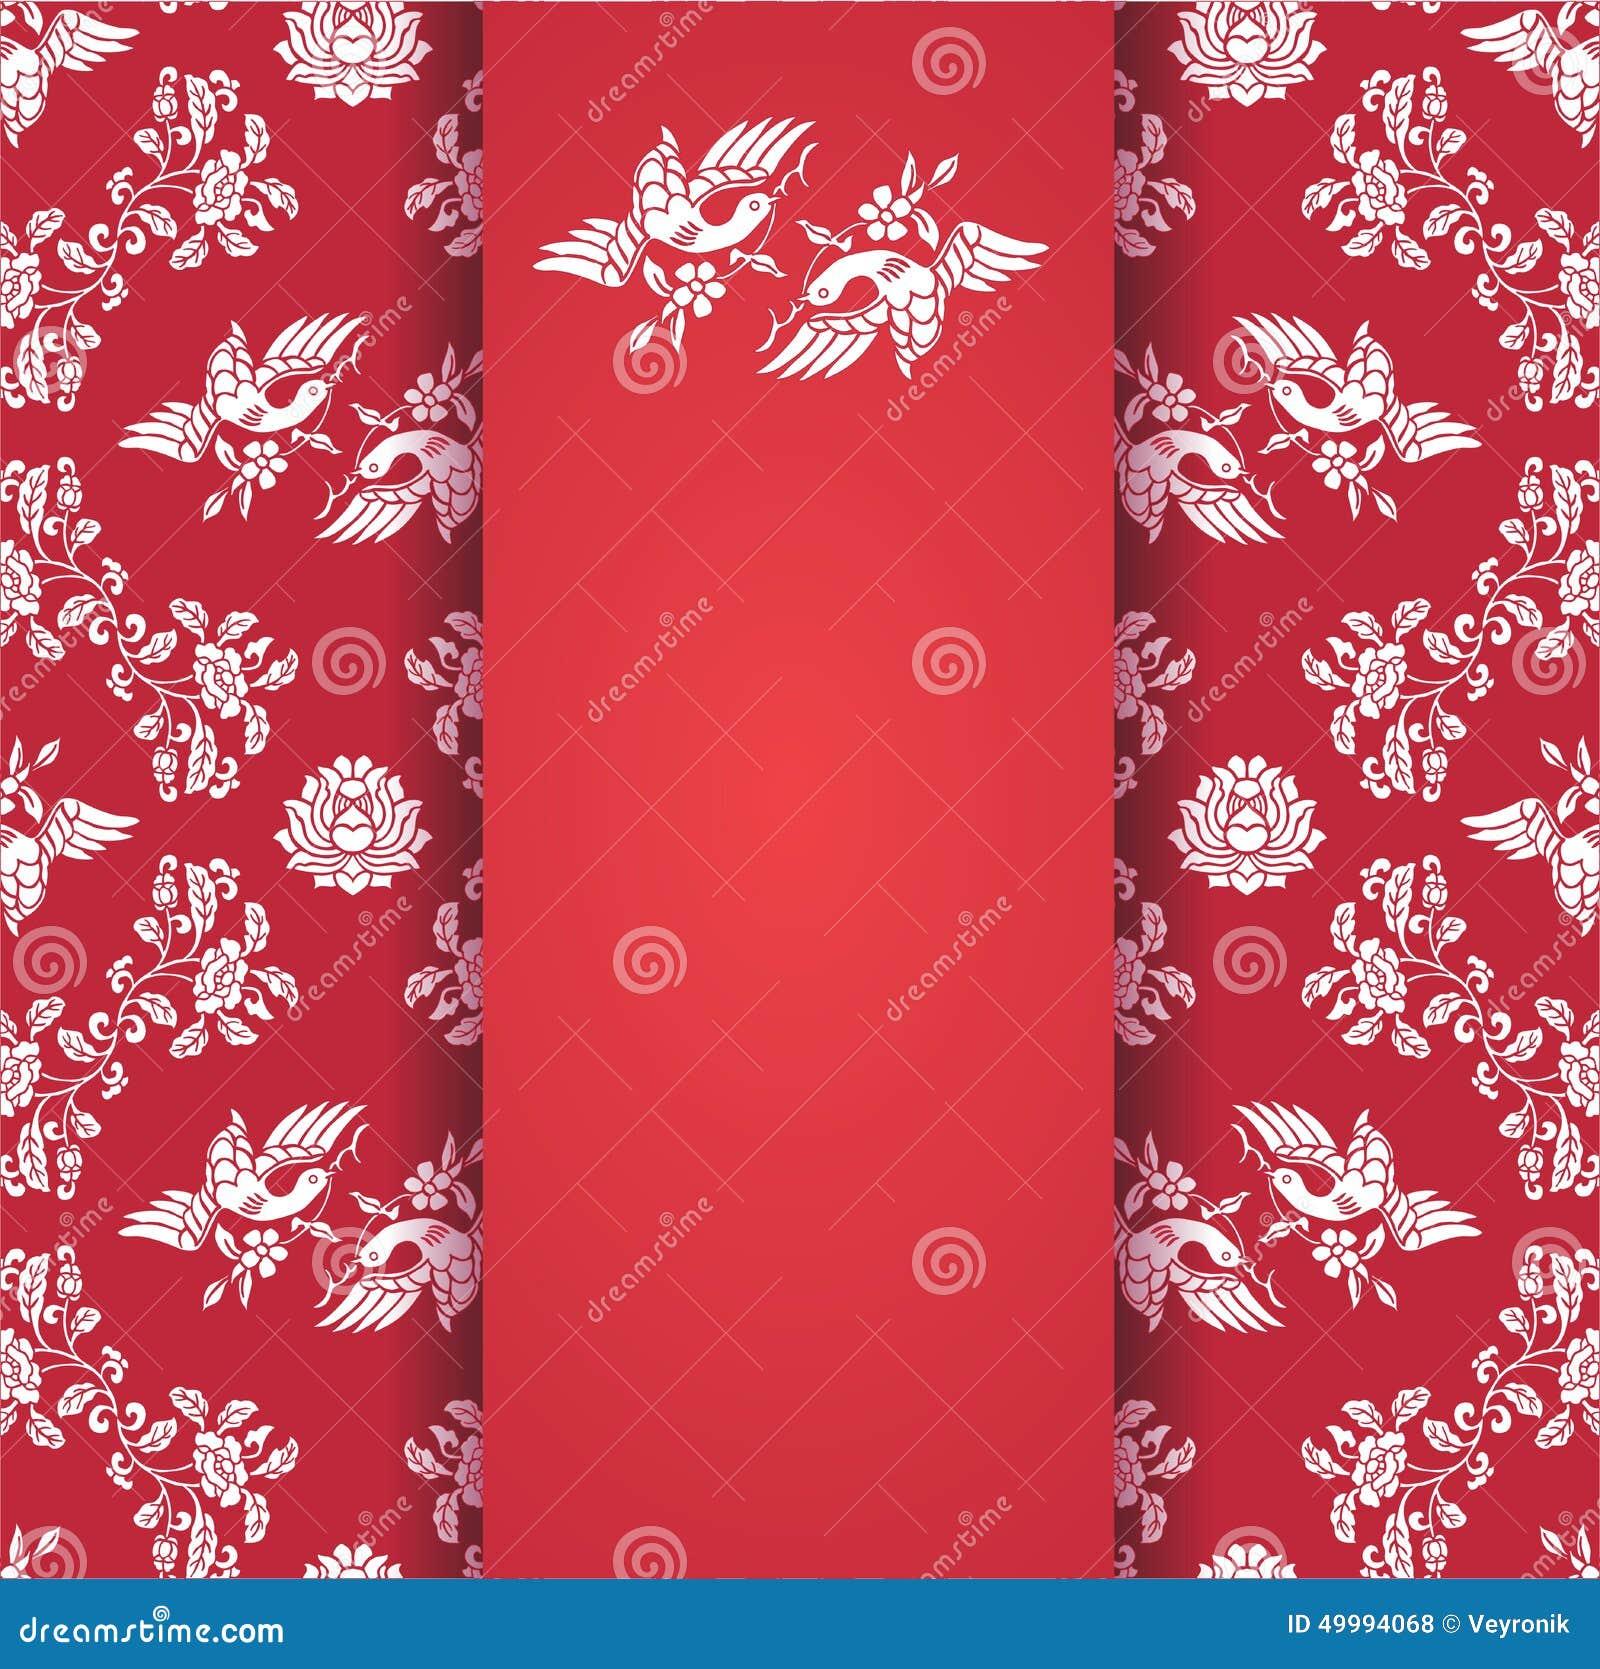 Photo collection carta fundo vermelho papel - Papel de pared retro ...